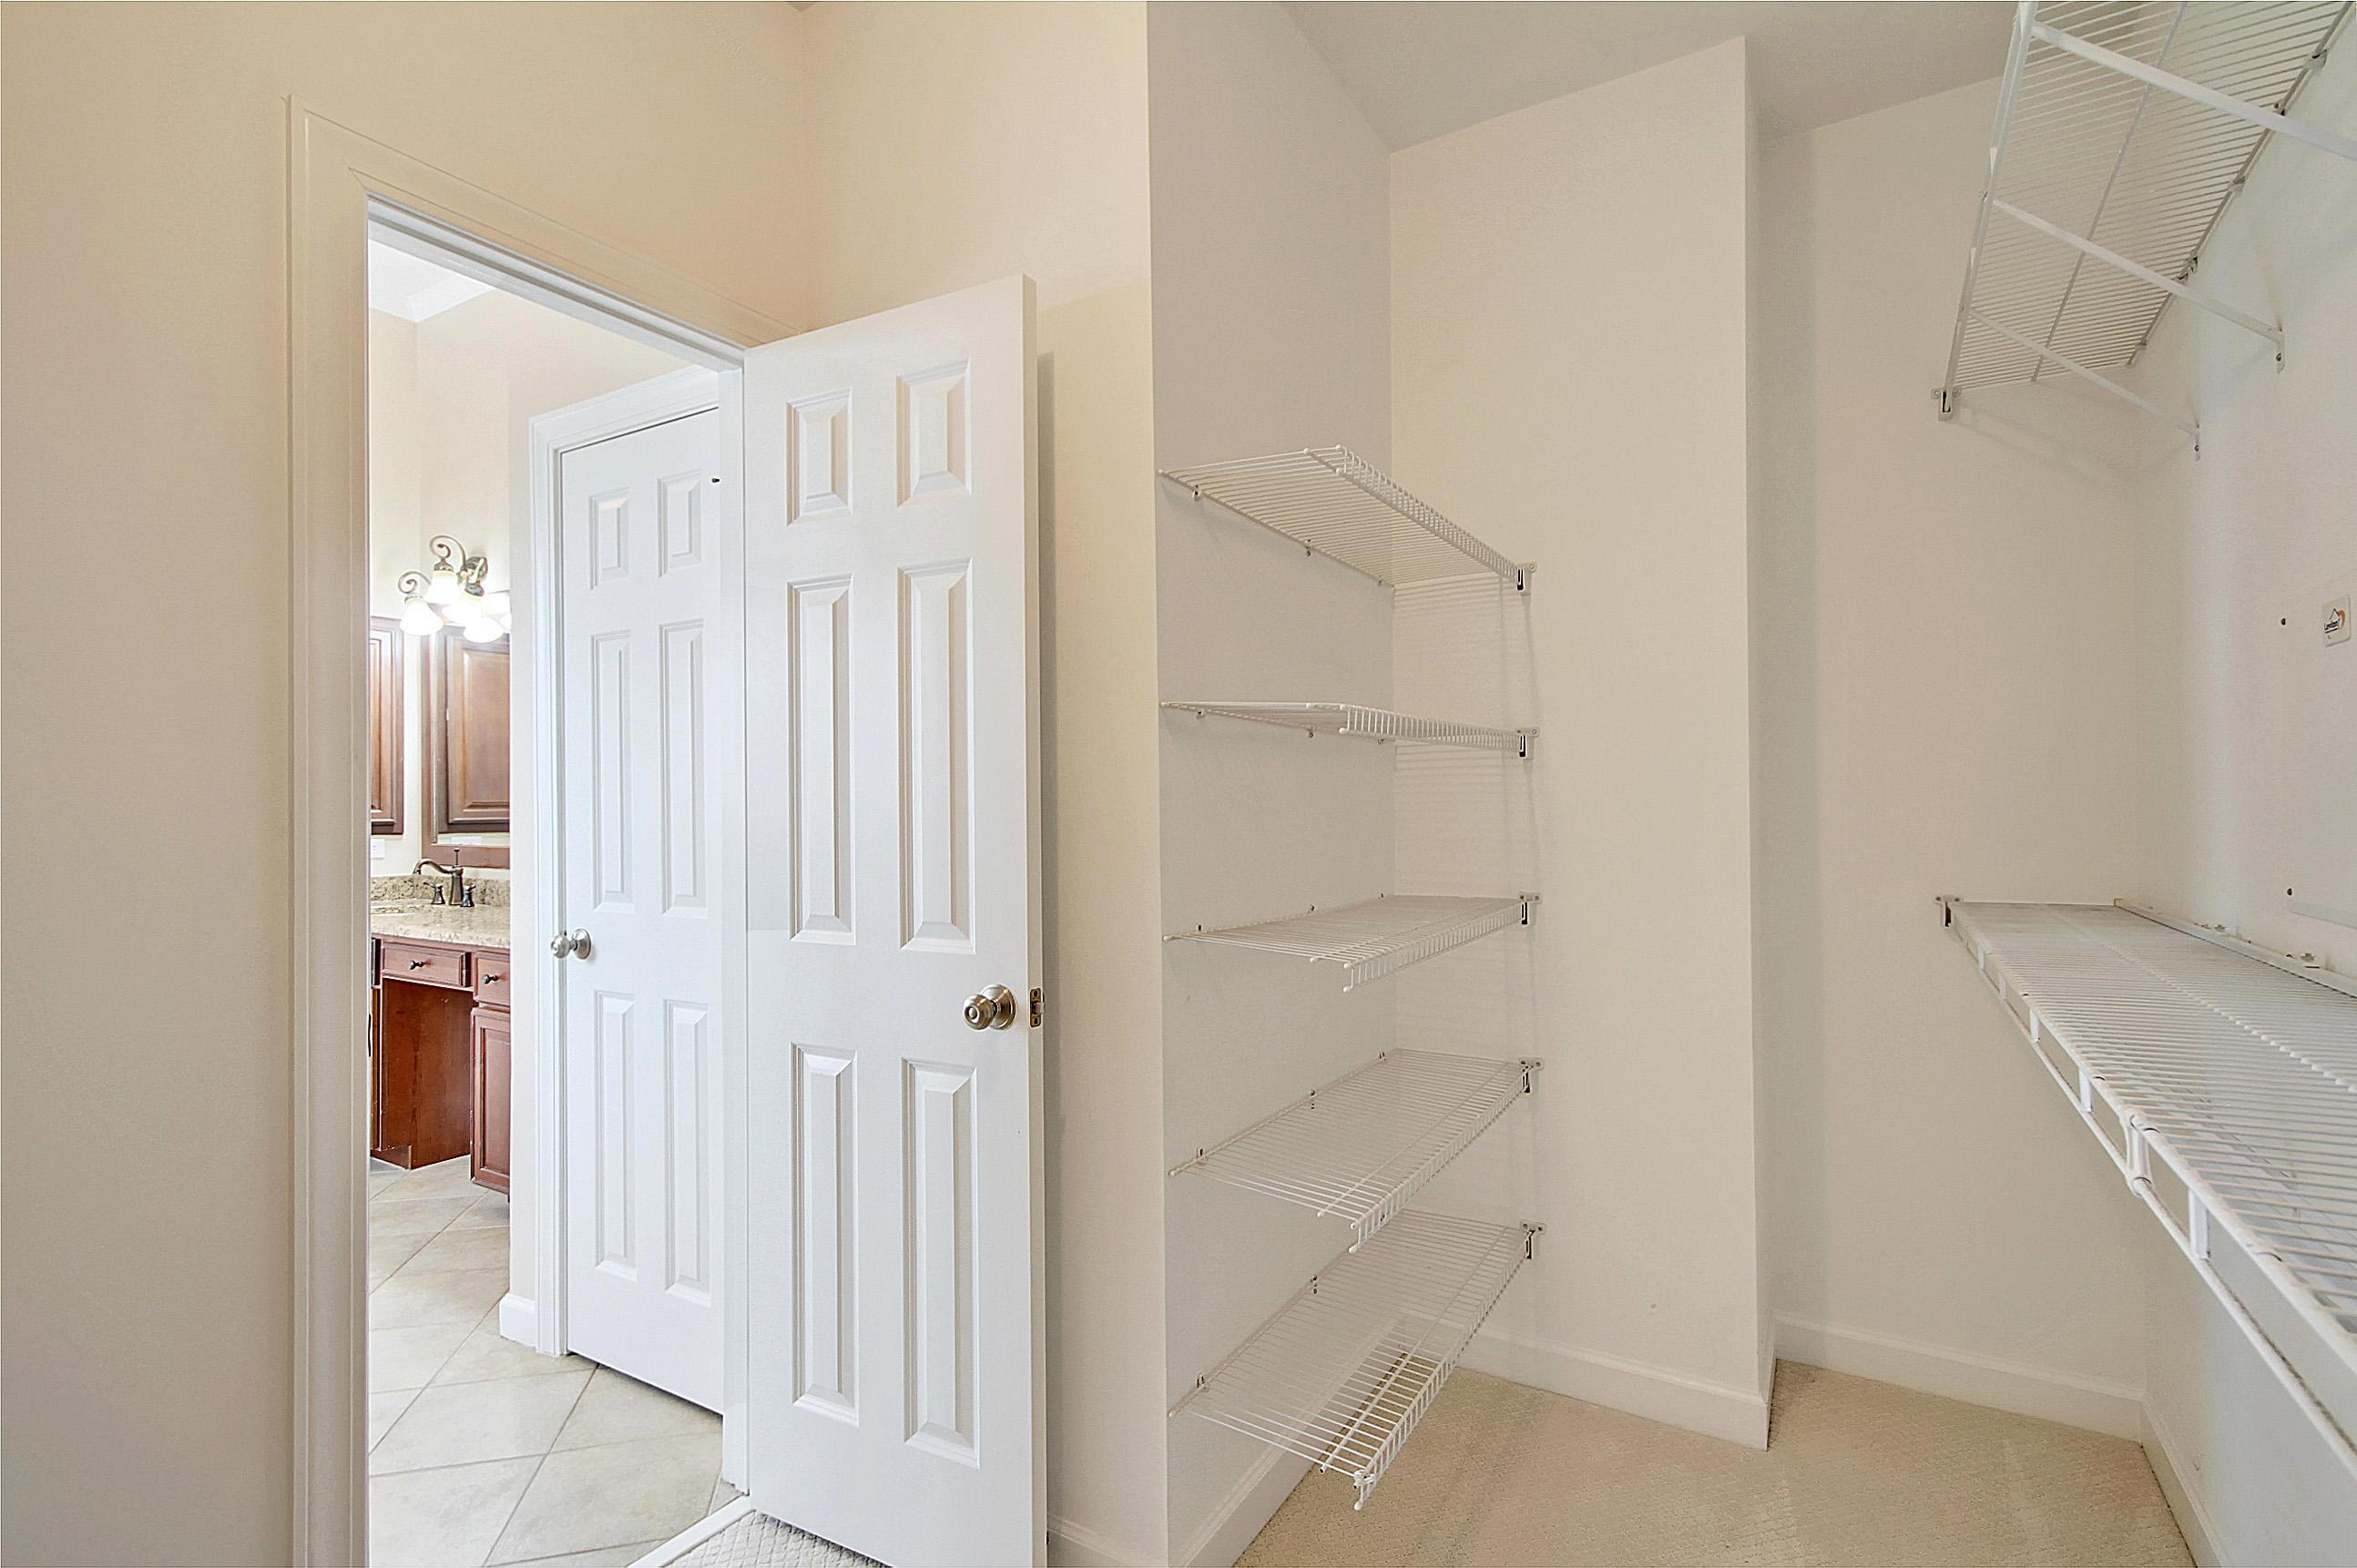 Dunes West Homes For Sale - 1501 Jacaranda, Mount Pleasant, SC - 8